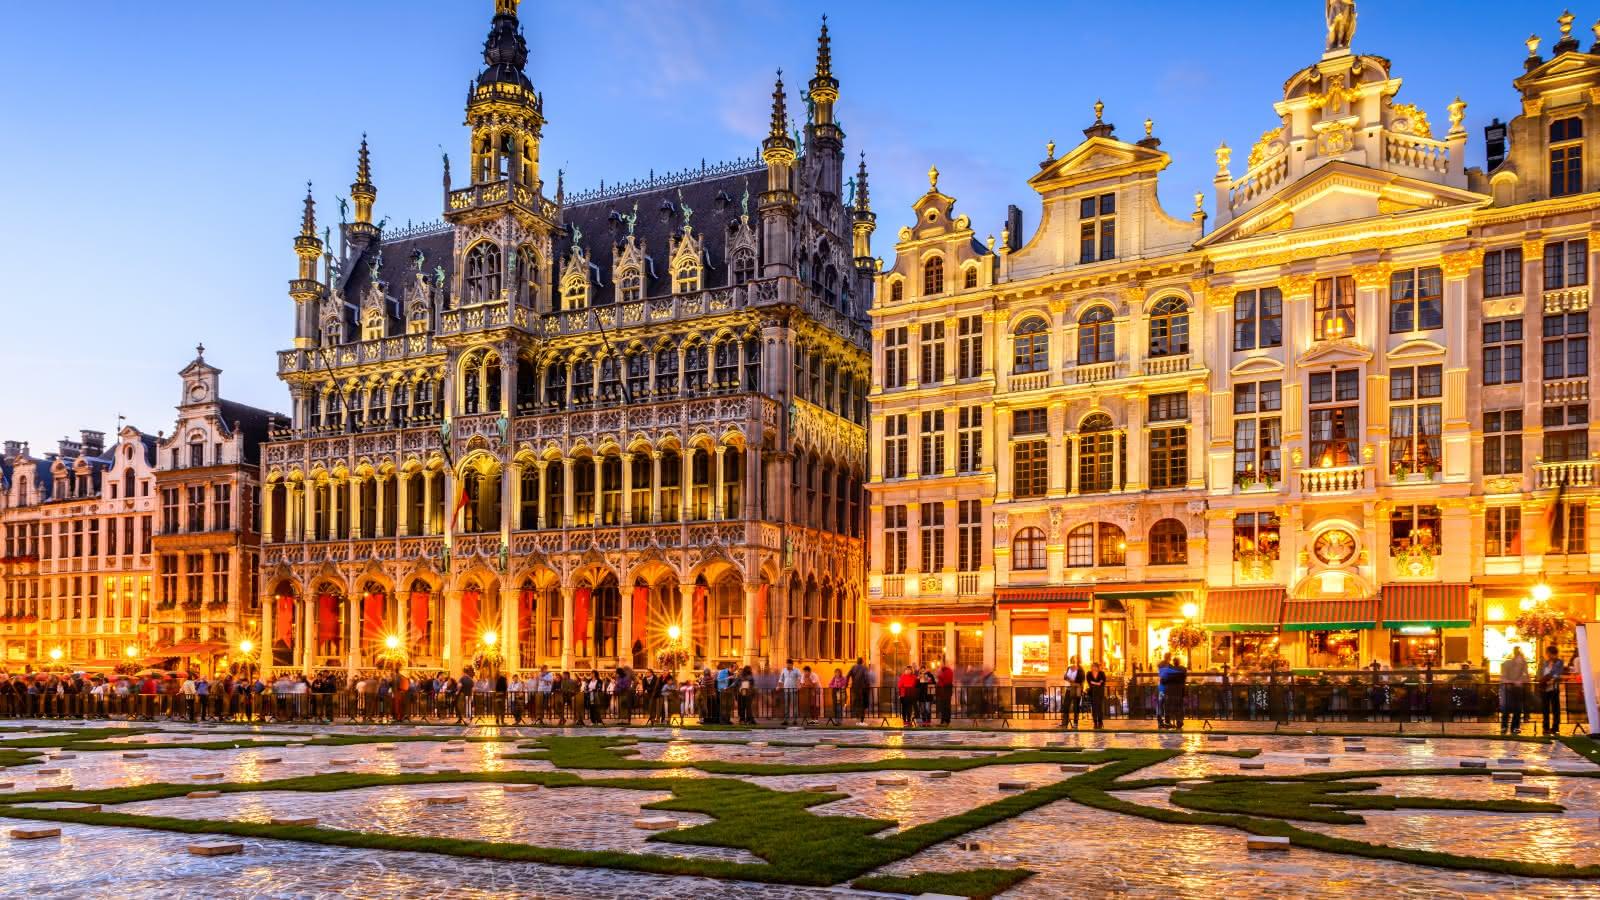 Học bổng Master Mind, Bậc Cử nhân, Đại học Brussel, Bỉ, 2019